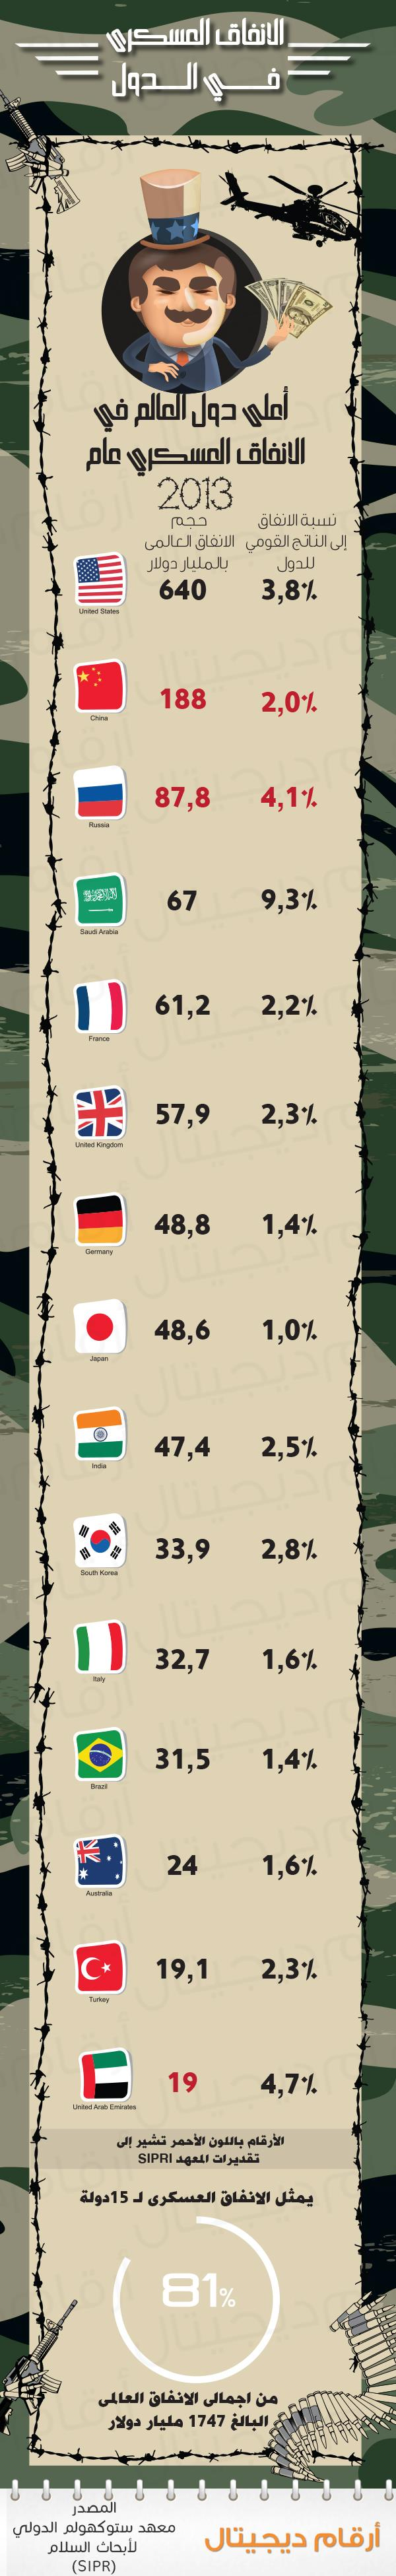 [الإنفوجرافيك] أكثر دول العالم انفاقا على الجيوش والعتاد الحربي